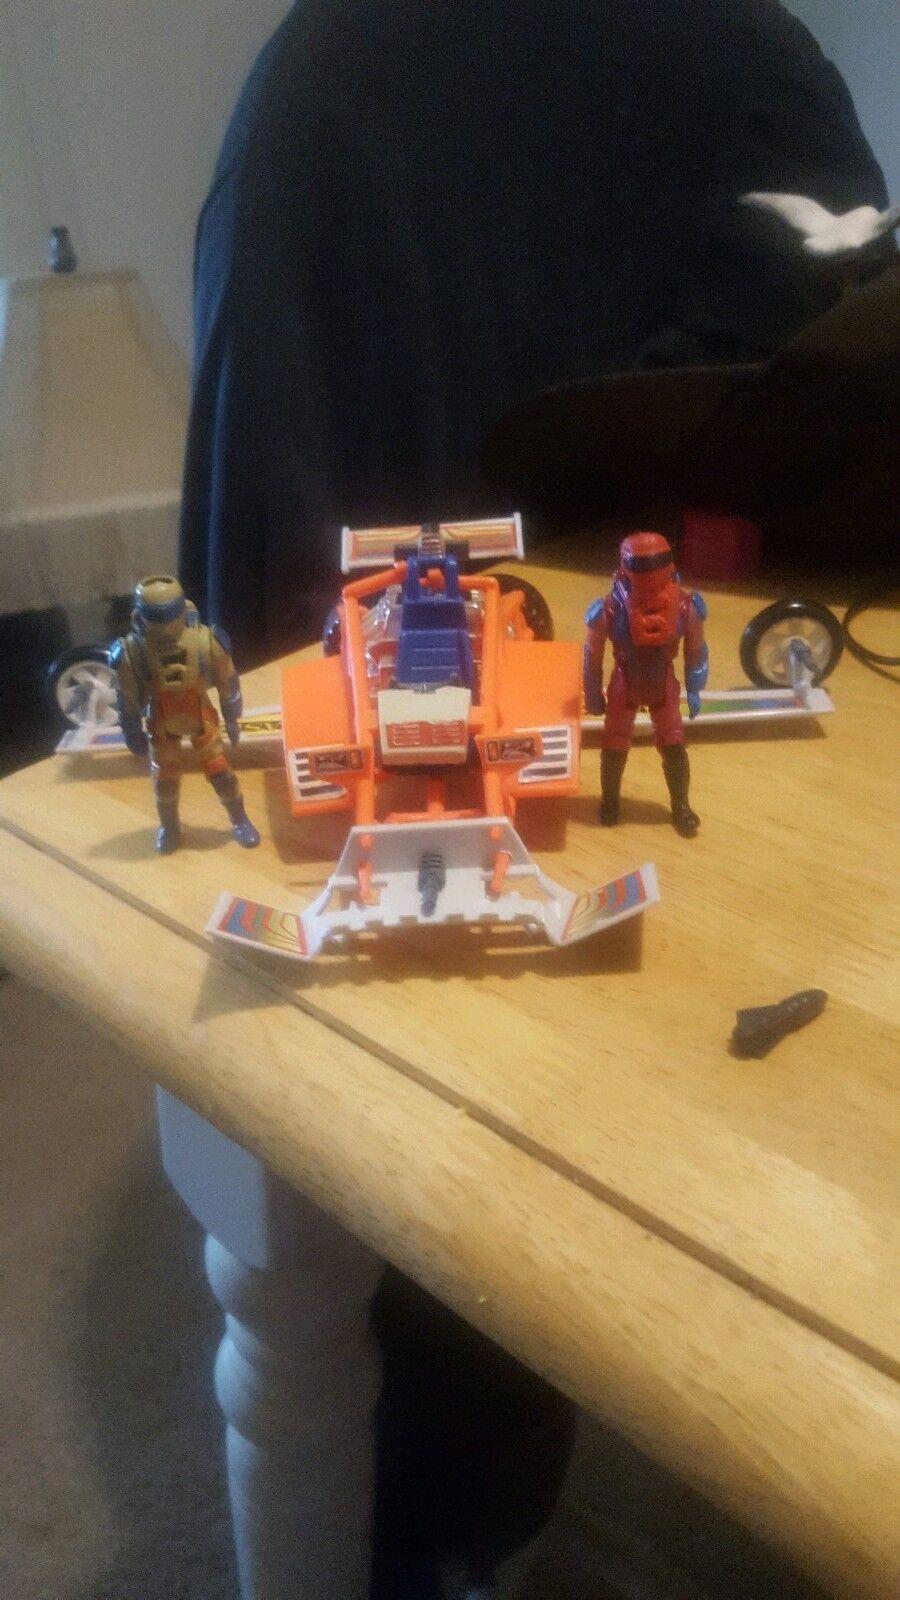 Mask Kenner Firefly vehículo con 2 Julio Lopez con másCocheas. con armas y explosivos